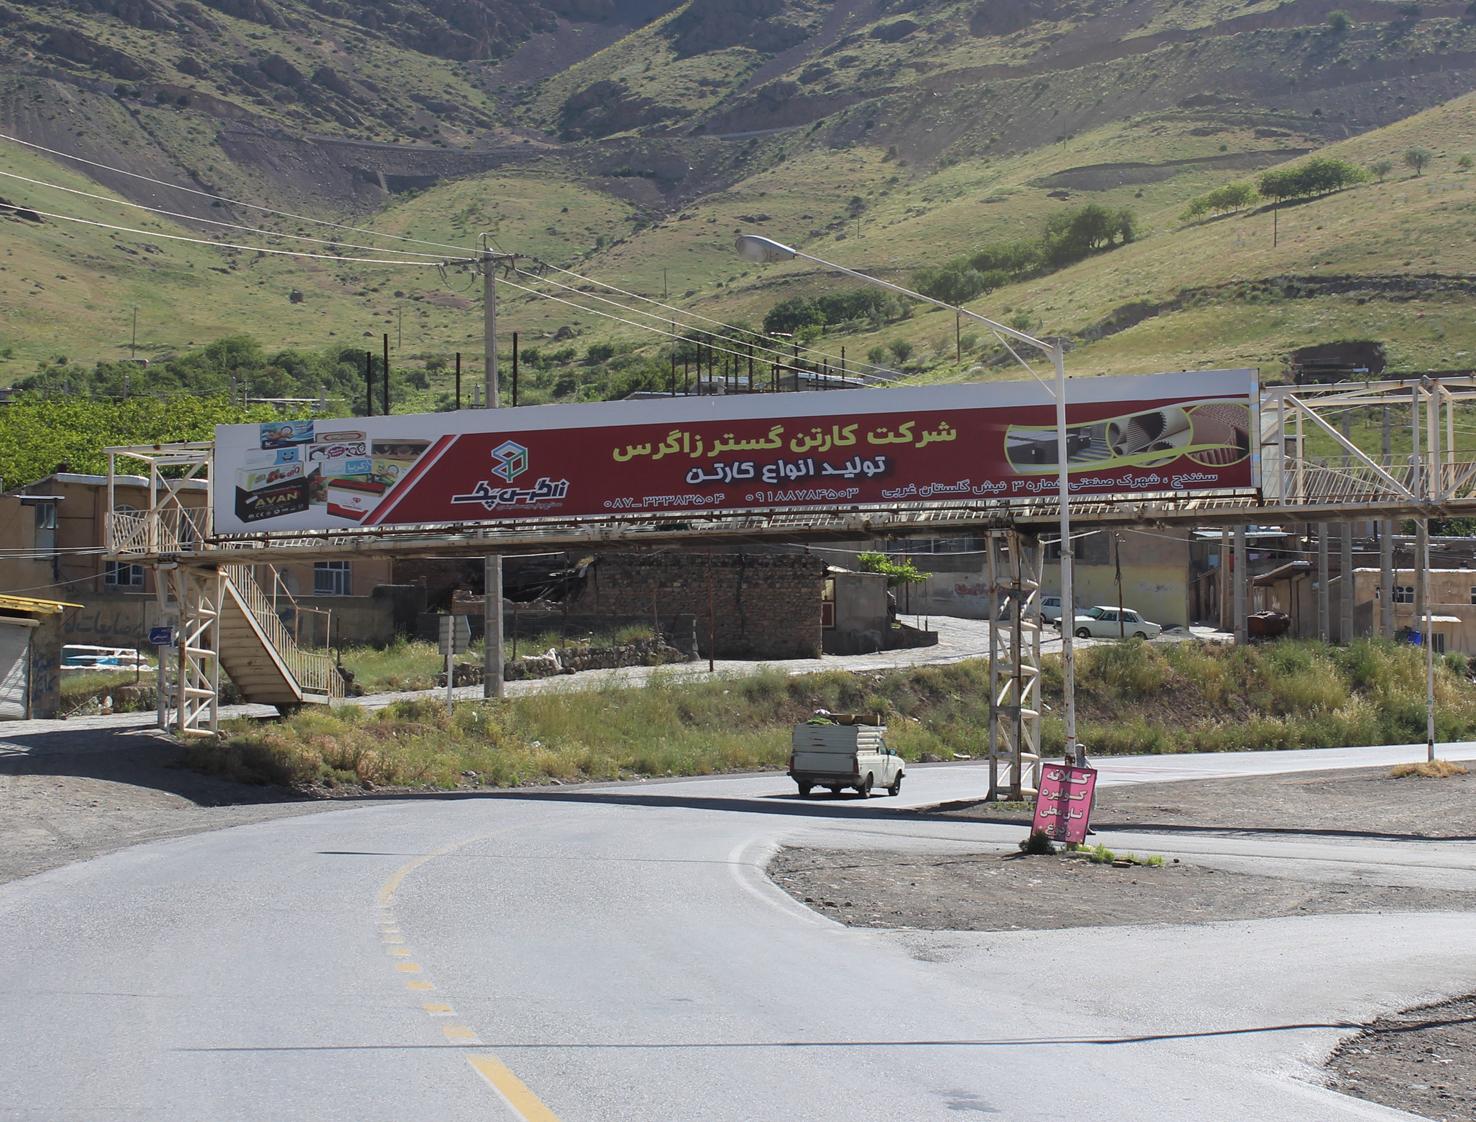 بیلبورد تبلیغاتی محور سنندج همدان ، پل عابر پیاده روستای صلوات آباد